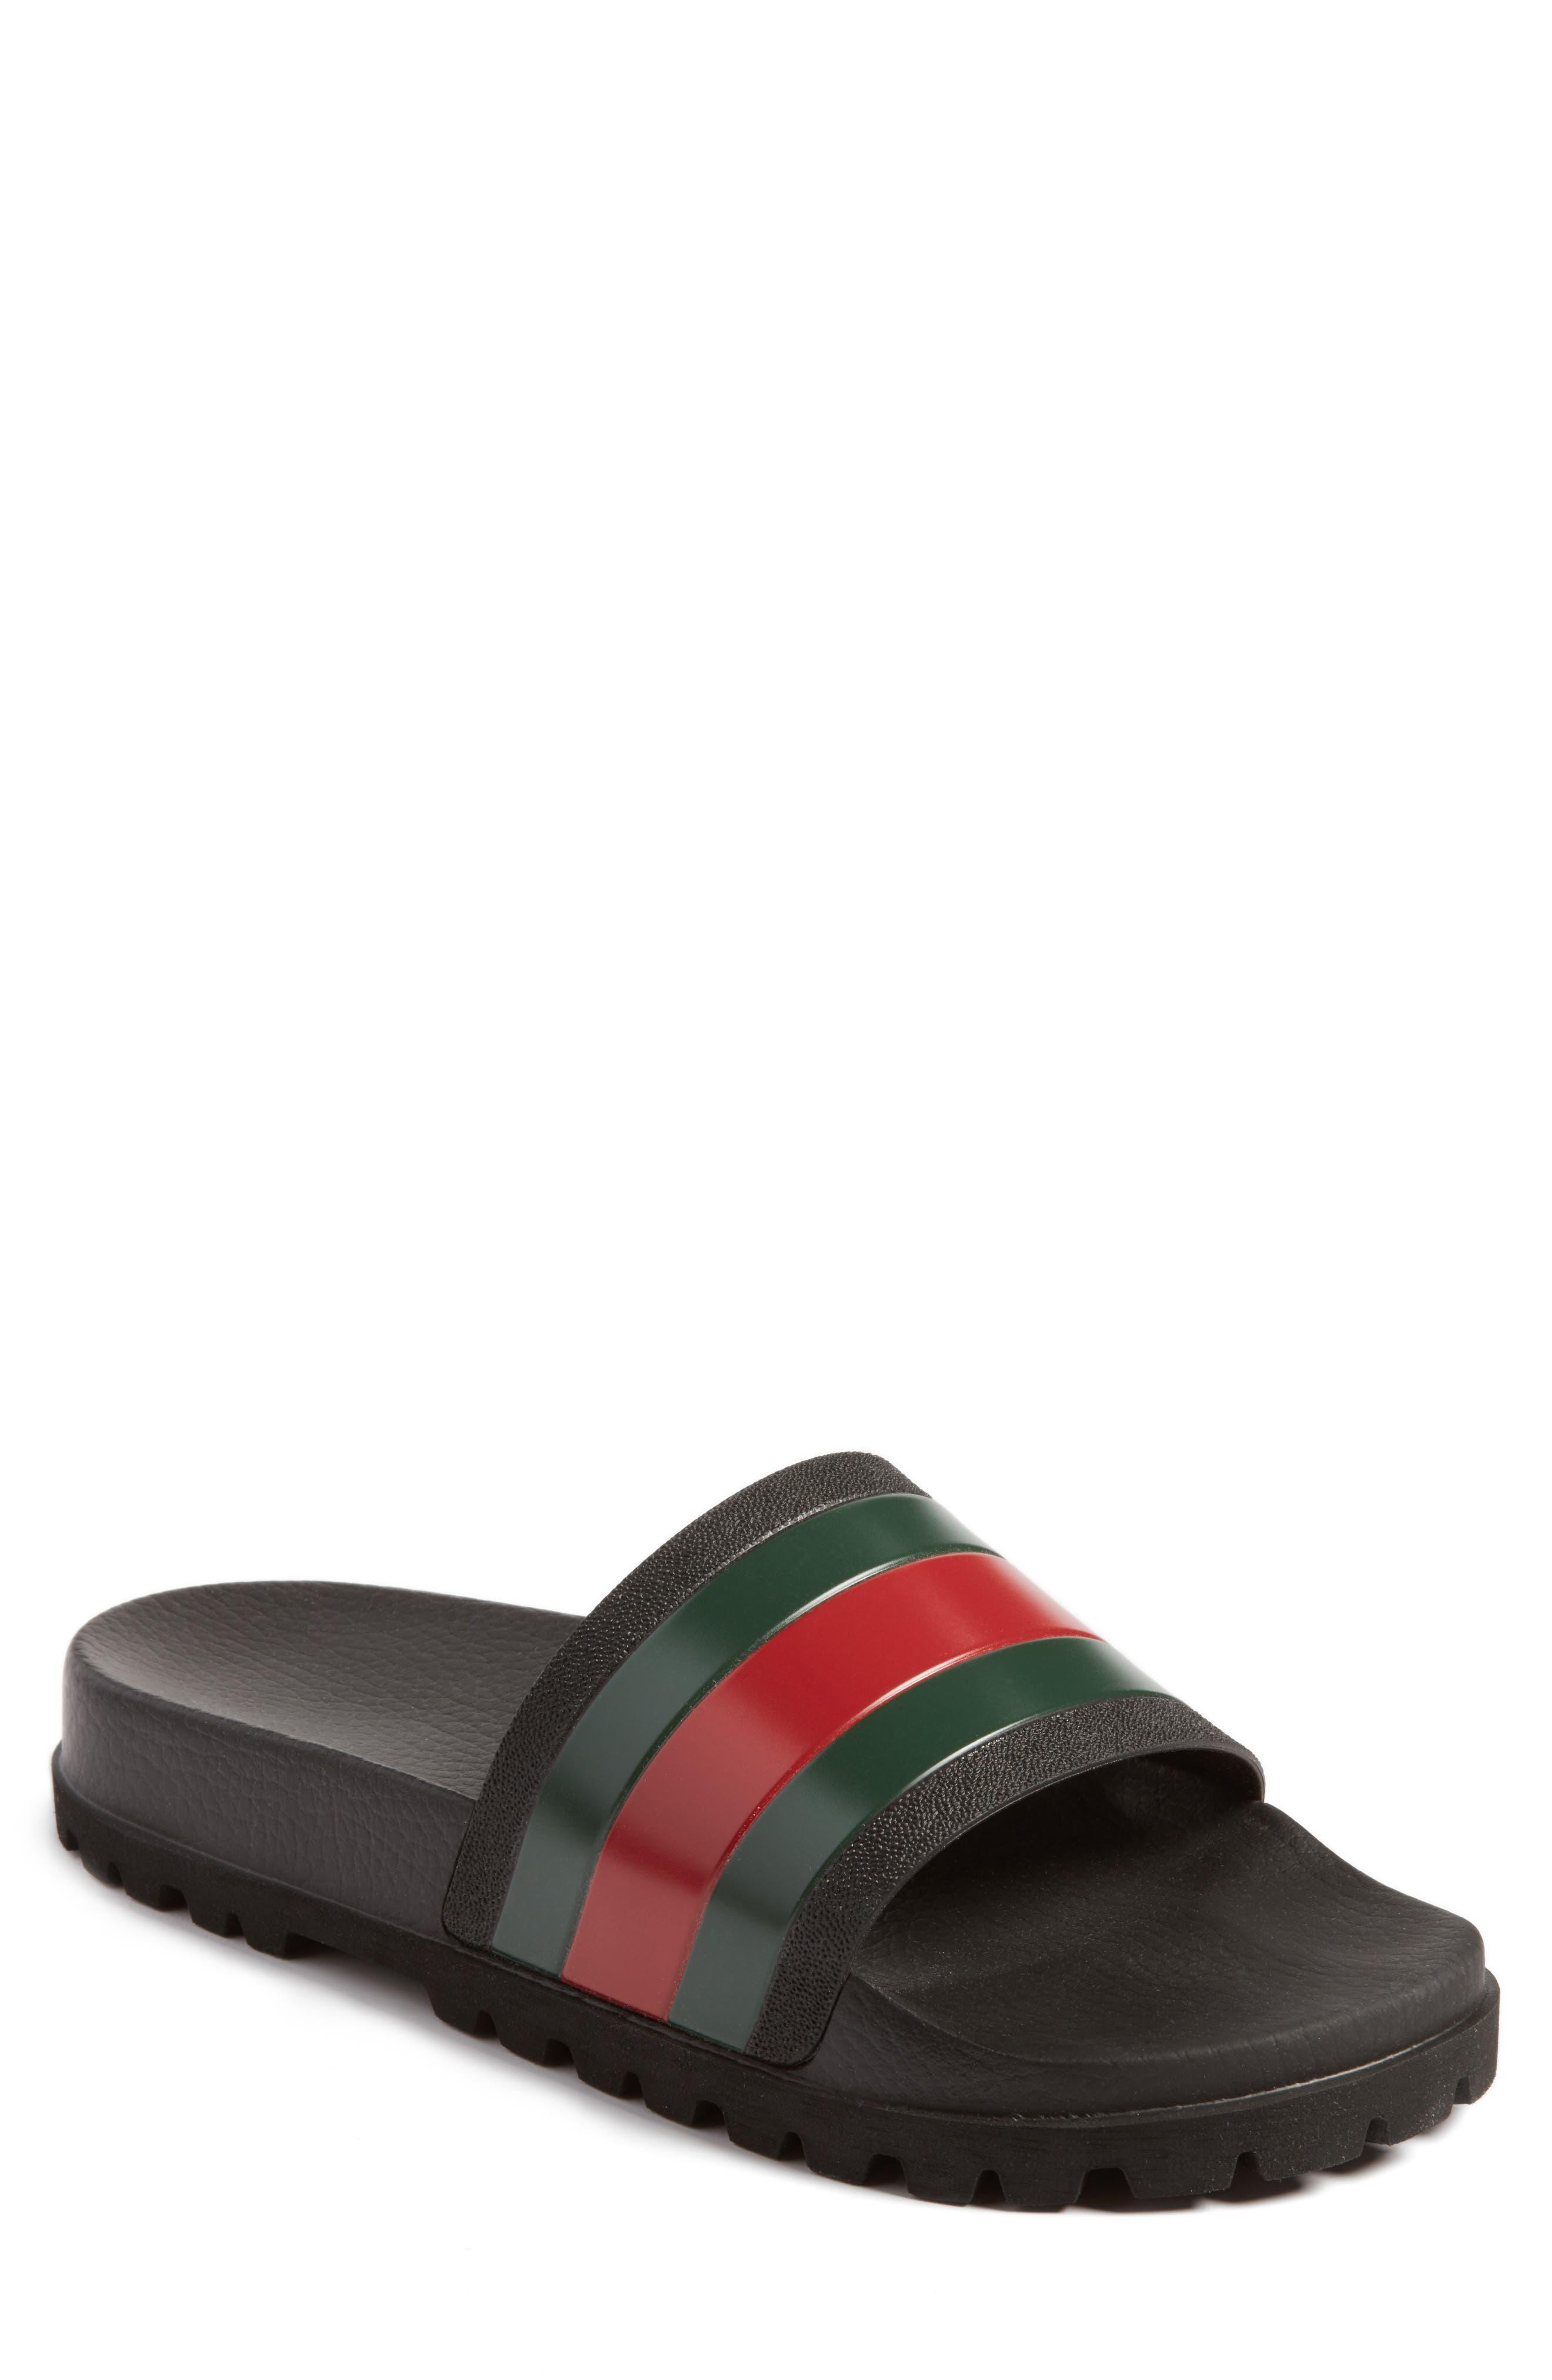 Alternate Image 1 Selected - Gucci 'Pursuit Treck' Slide Sandal (Men)